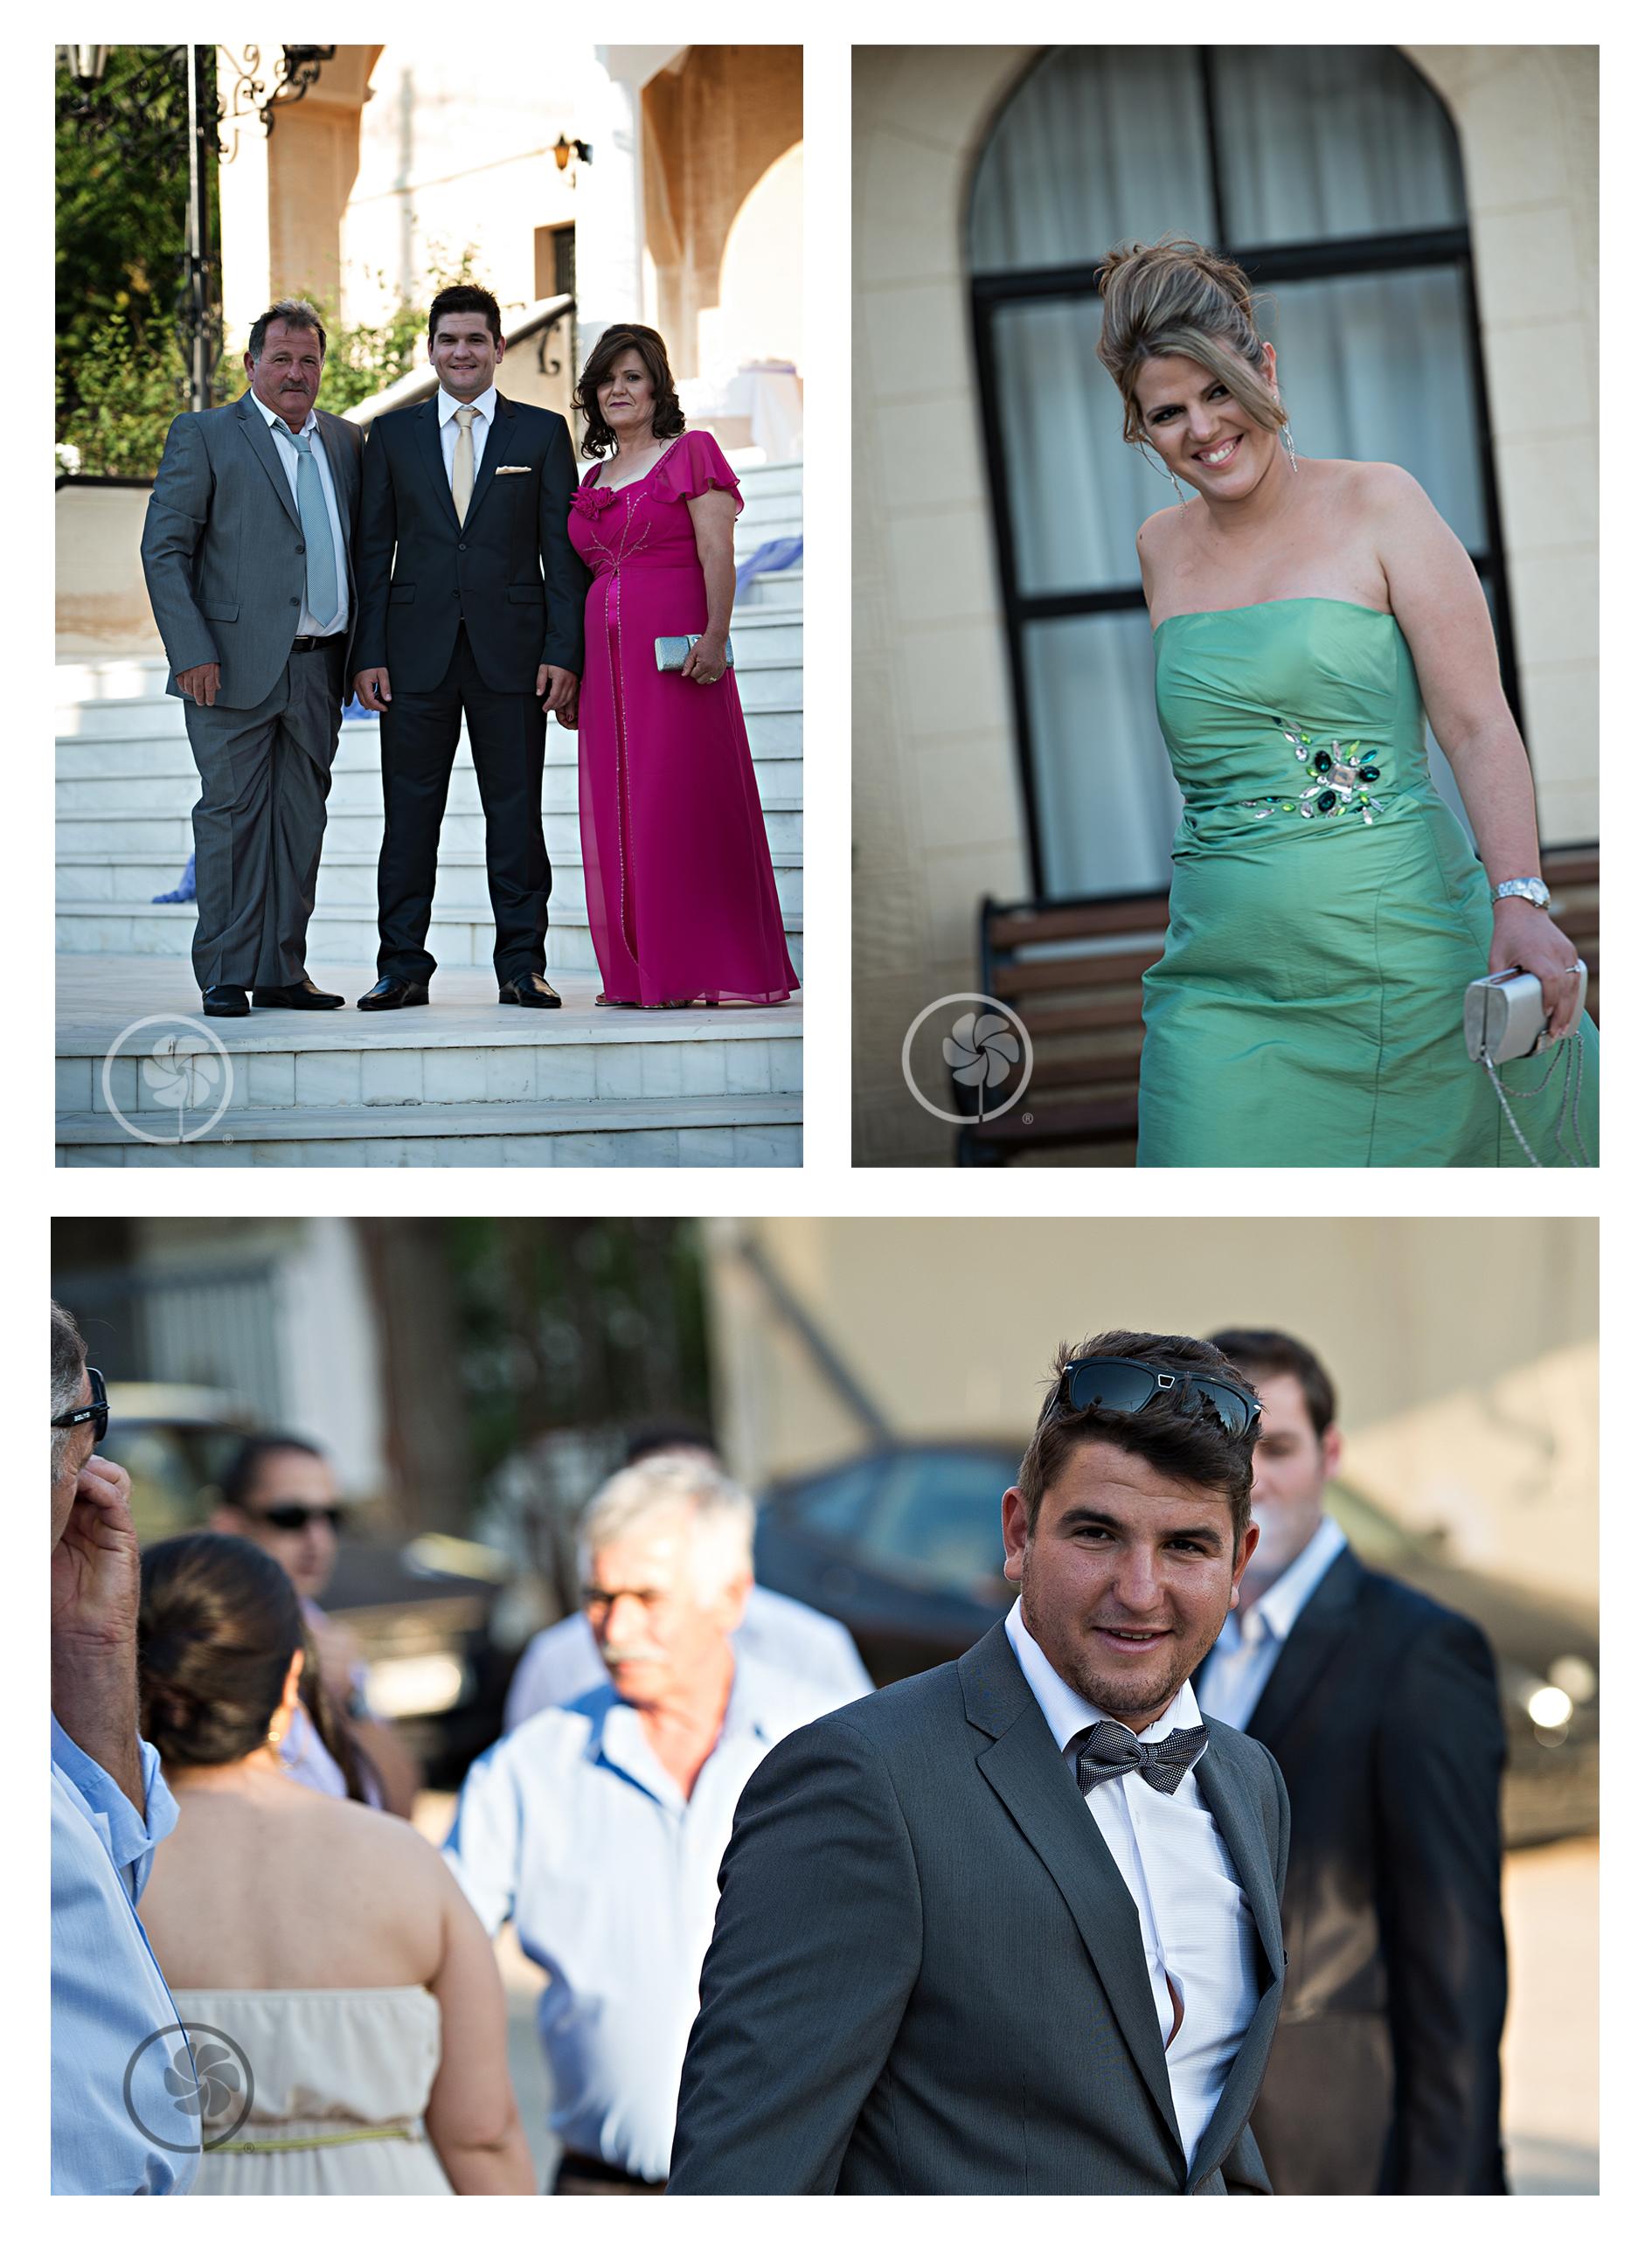 φωτογράφιση γάμου στη Θήβα